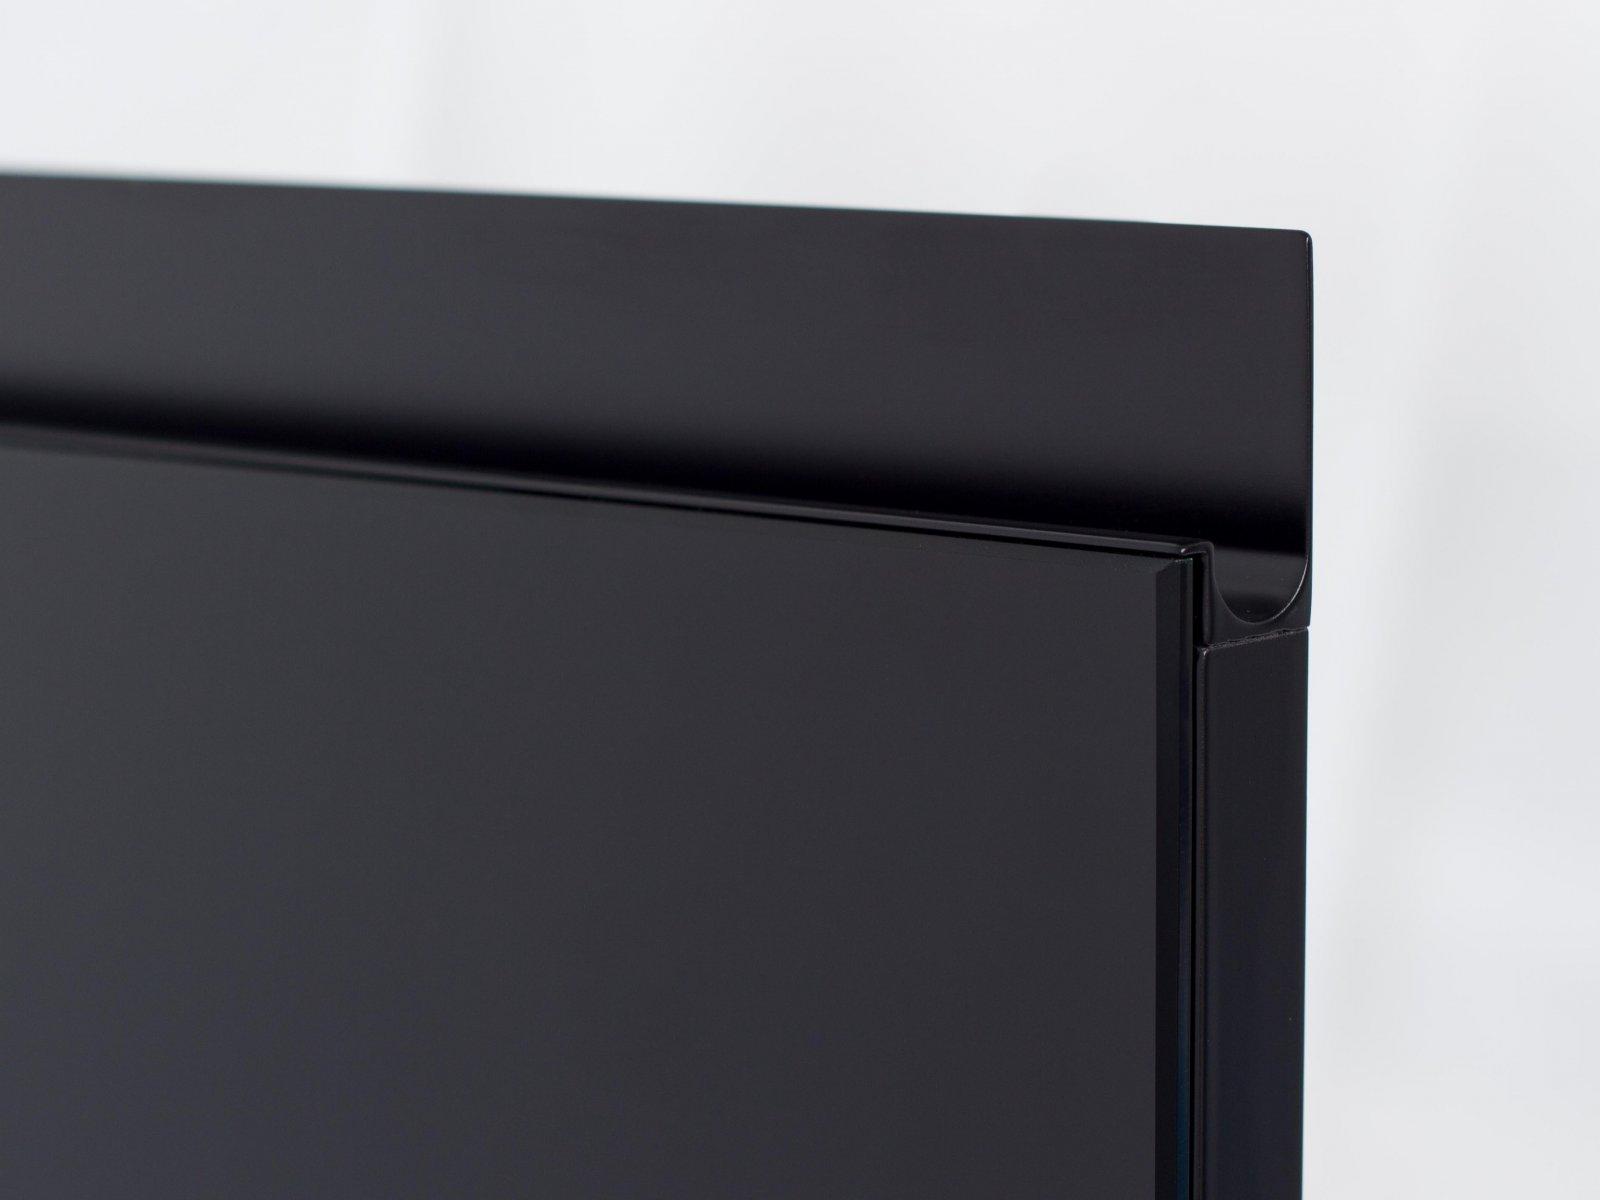 Porta-1 (Perfil V08 lacado preto + puxador P06 lacado preto + vidro lacado preto)